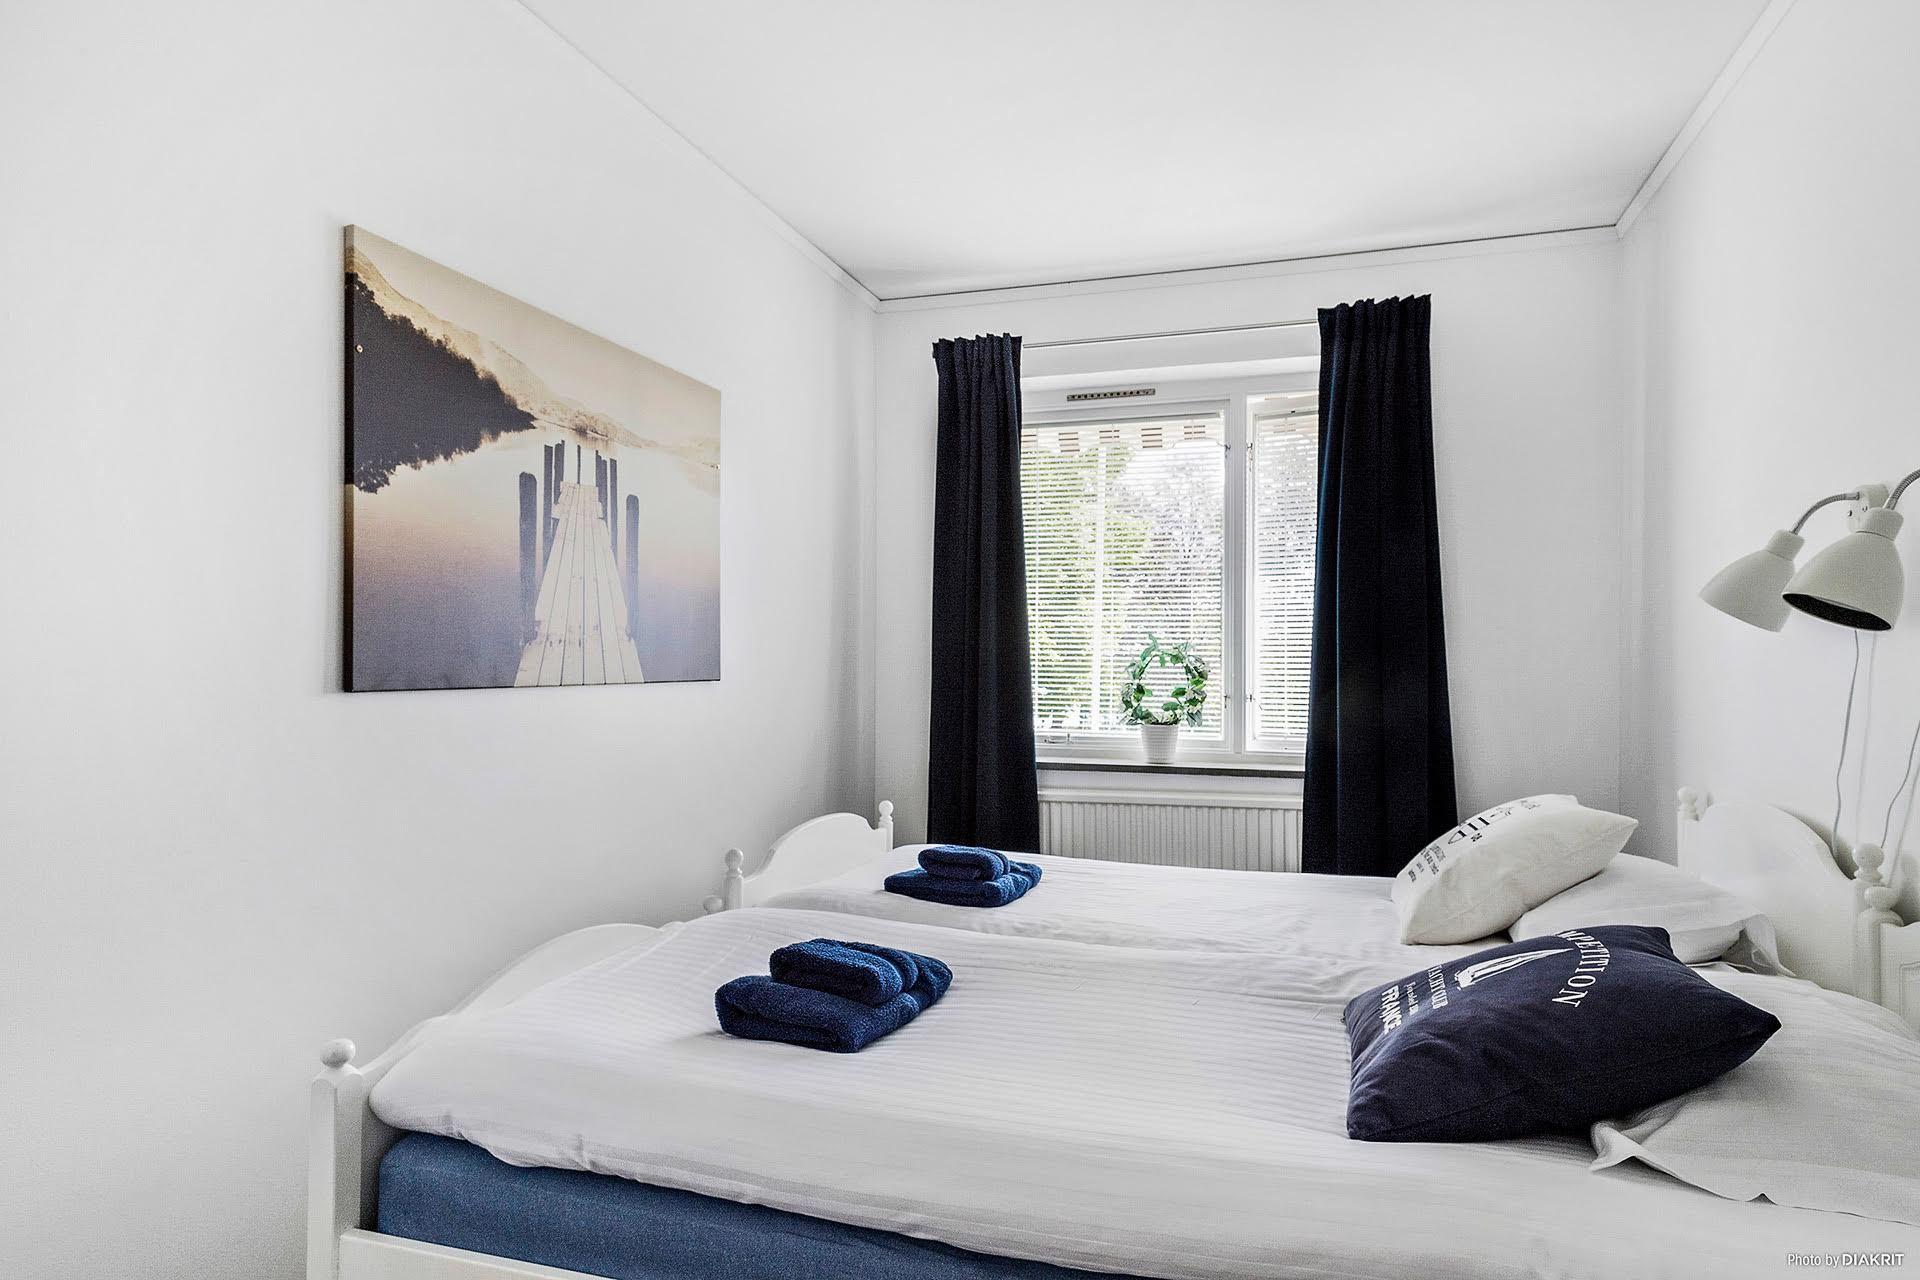 Vartorps Bed & Breakfast